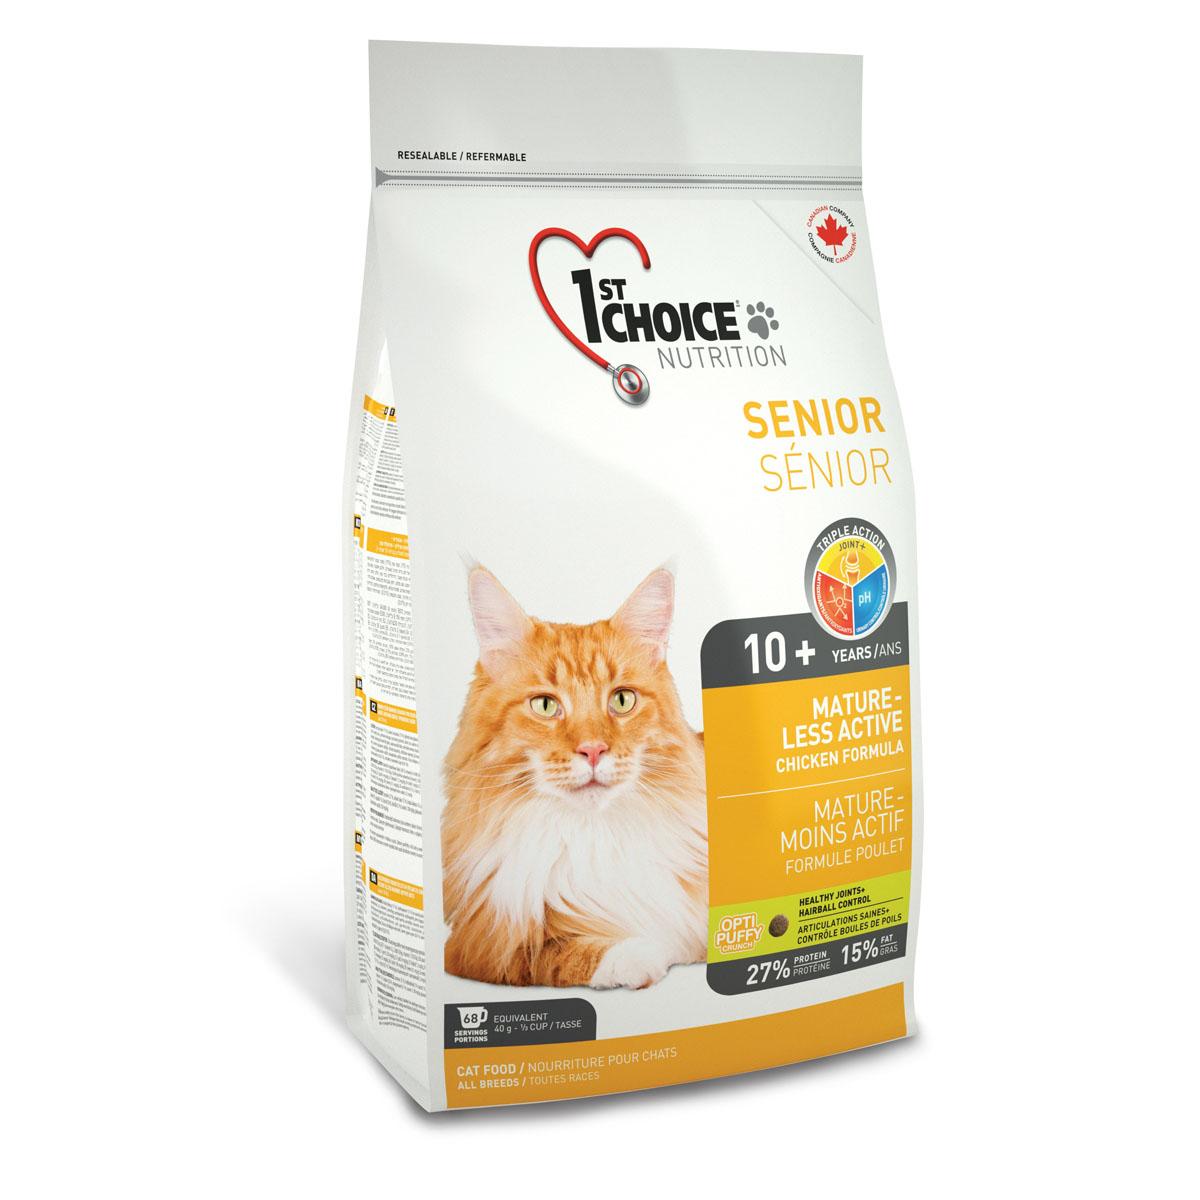 Корм сухой 1st Choice Mature Less Active для пожилых или малоактивных кошек, с курицей, 2,72 кг56678Сухой корм 1st Choice Mature Less Active - идеальный выбор для пожилого животного. Обогащенный глюкозамином и хондроитином, этот корм улучшает здоровье суставов и облегчает их подвижность. Специальные питательные вещества и антиоксиданты замедляют процесс старения. Идеальный рН-баланс поддерживает здоровье мочевыделительной системы. Также корм способствует укреплению костей и здоровью суставов. рН - контроль помогает снизить риск образования камней в мочевыделительной системе. Ингредиенты: свежая курица 17%, мука из мяса курицы 17% (натуральный источник глюкозамина и хондроитина), рис, коричневый рис, специально обработанные ядра ячменя и овса, гороховый протеин, куриный жир, сохраненный смесью натуральных токоферолов (витамин Е), сушеное яйцо, гидролизат куриной печени, мякоть свеклы, цельное семя льна, клетчатка гороха, сушеная мякоть томата, жир лосося, калия хлорид, лецитин, кальция карбонат, холина хлорид, соль, кальция пропионат, натрия бисульфат, экстракт...